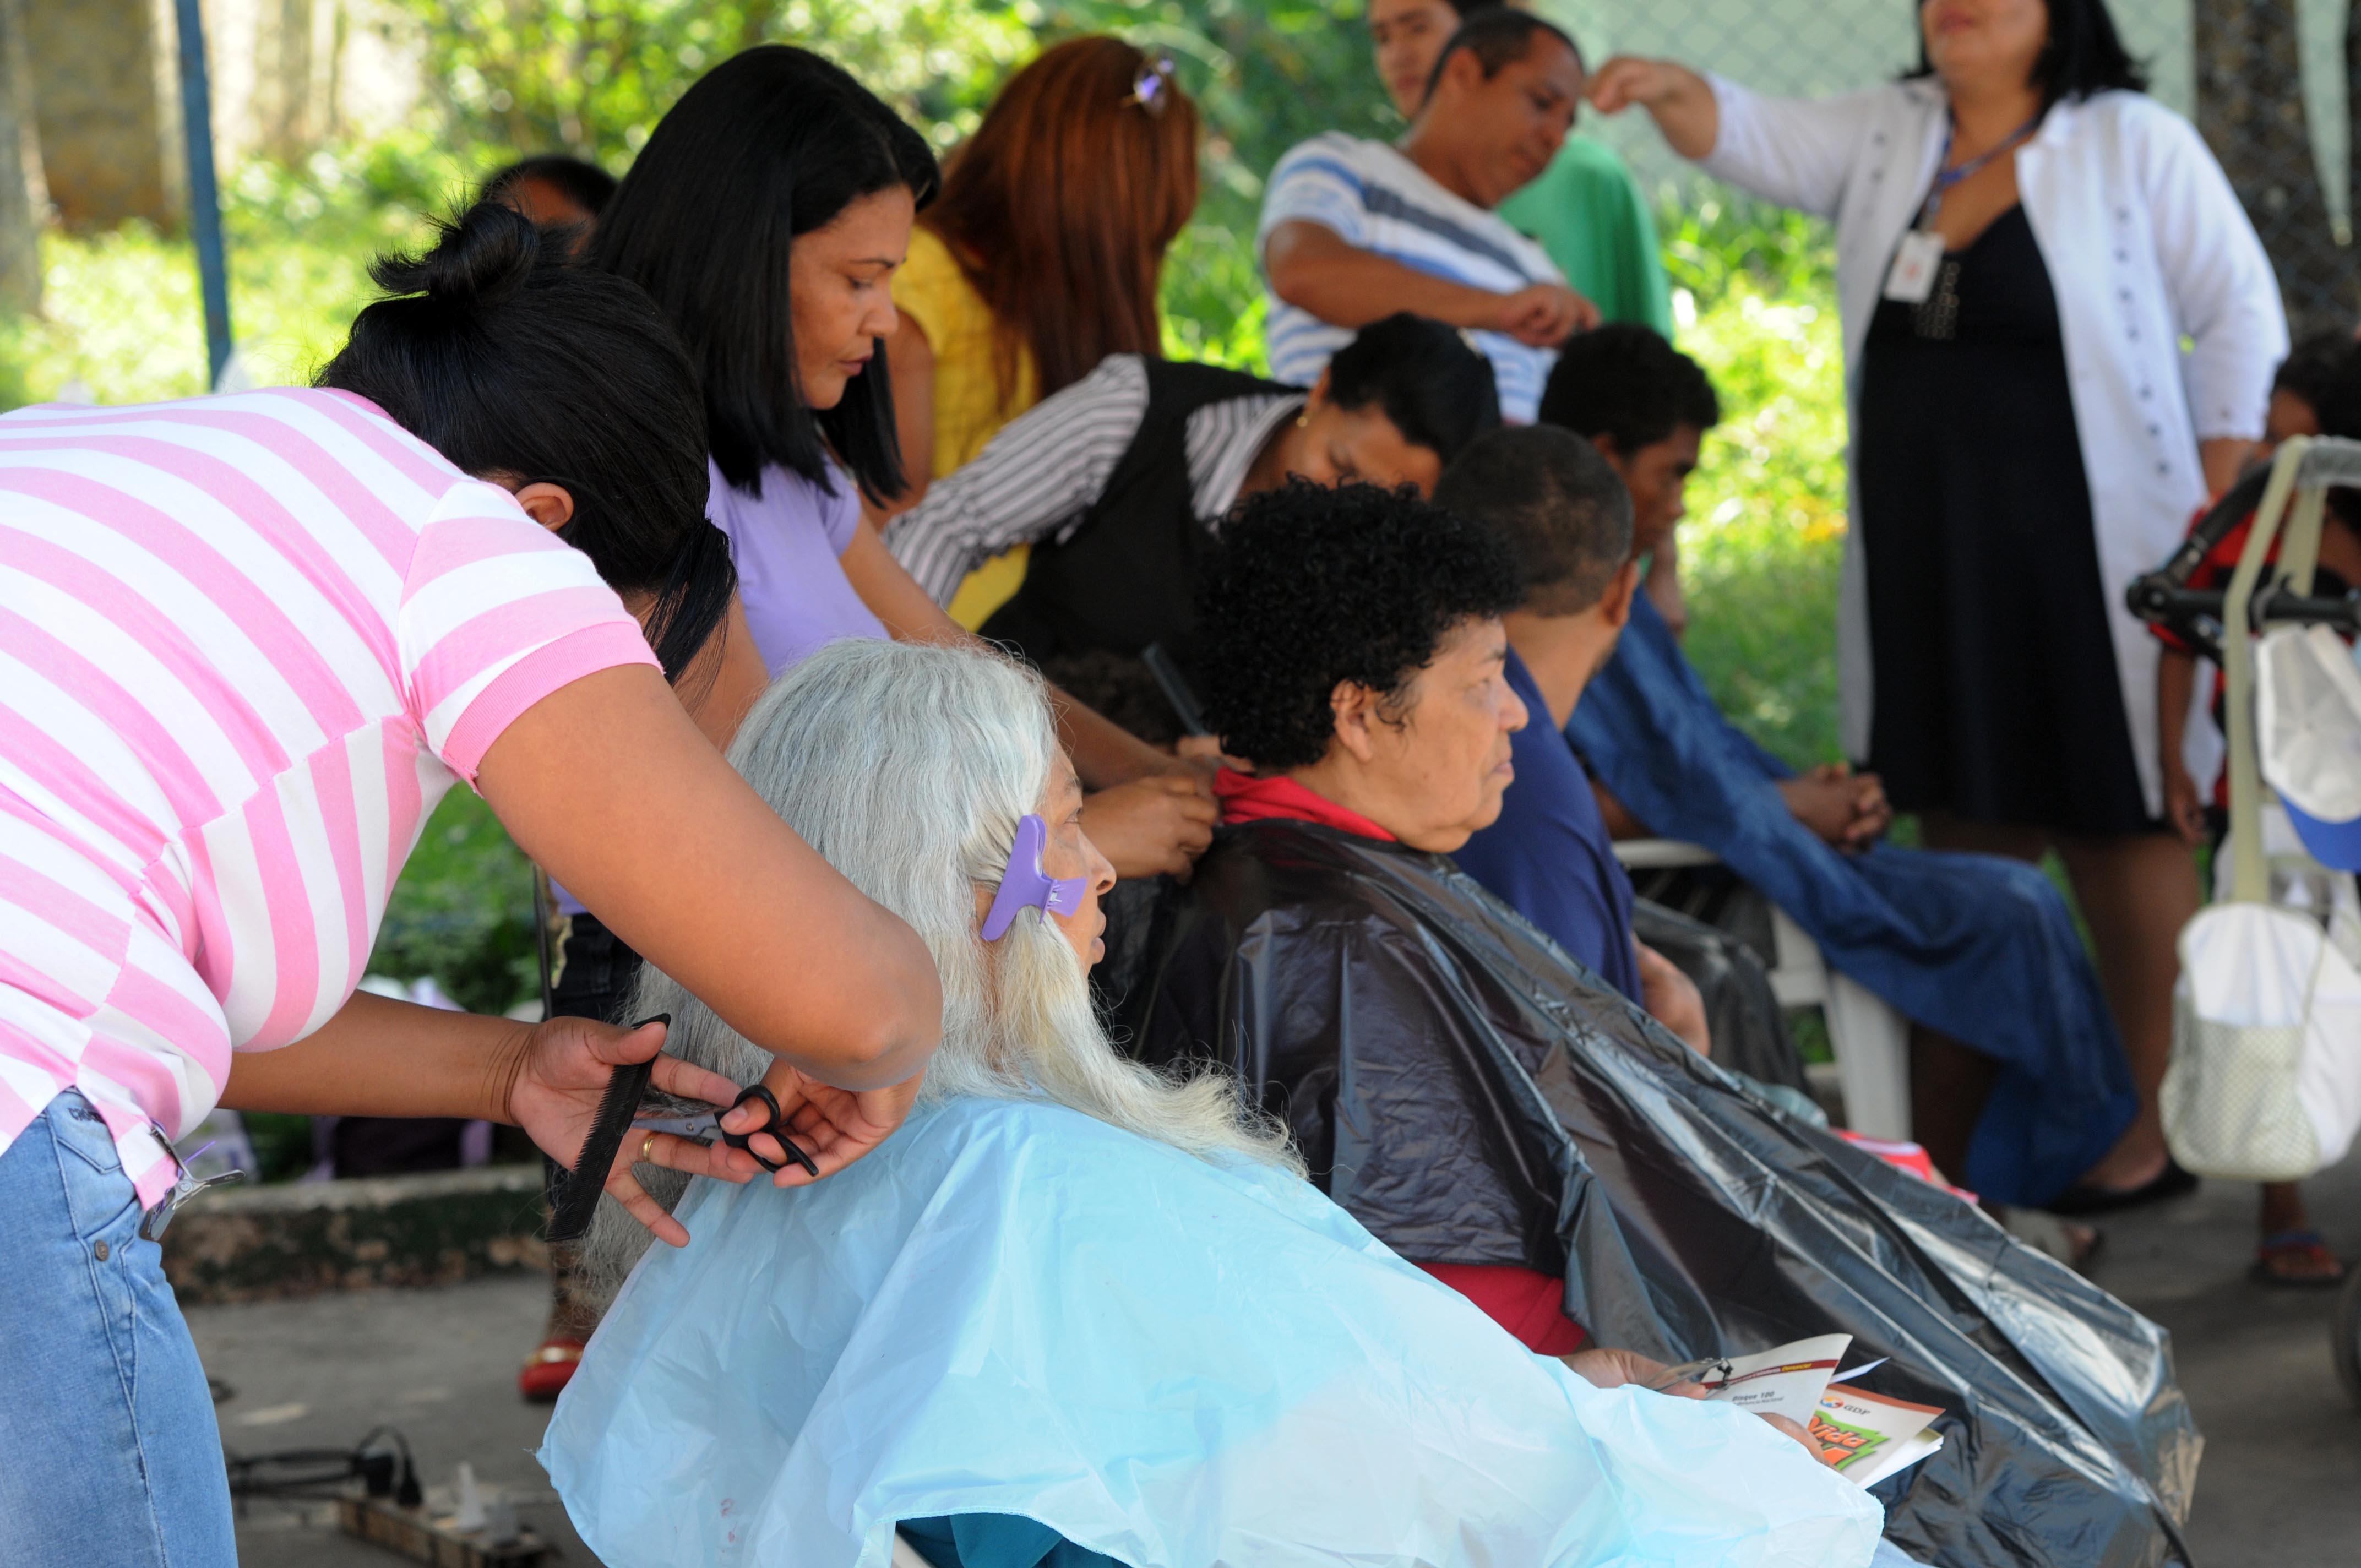 Trabalho - geral - salão de beleza cabeleireiro corte cabelo estética